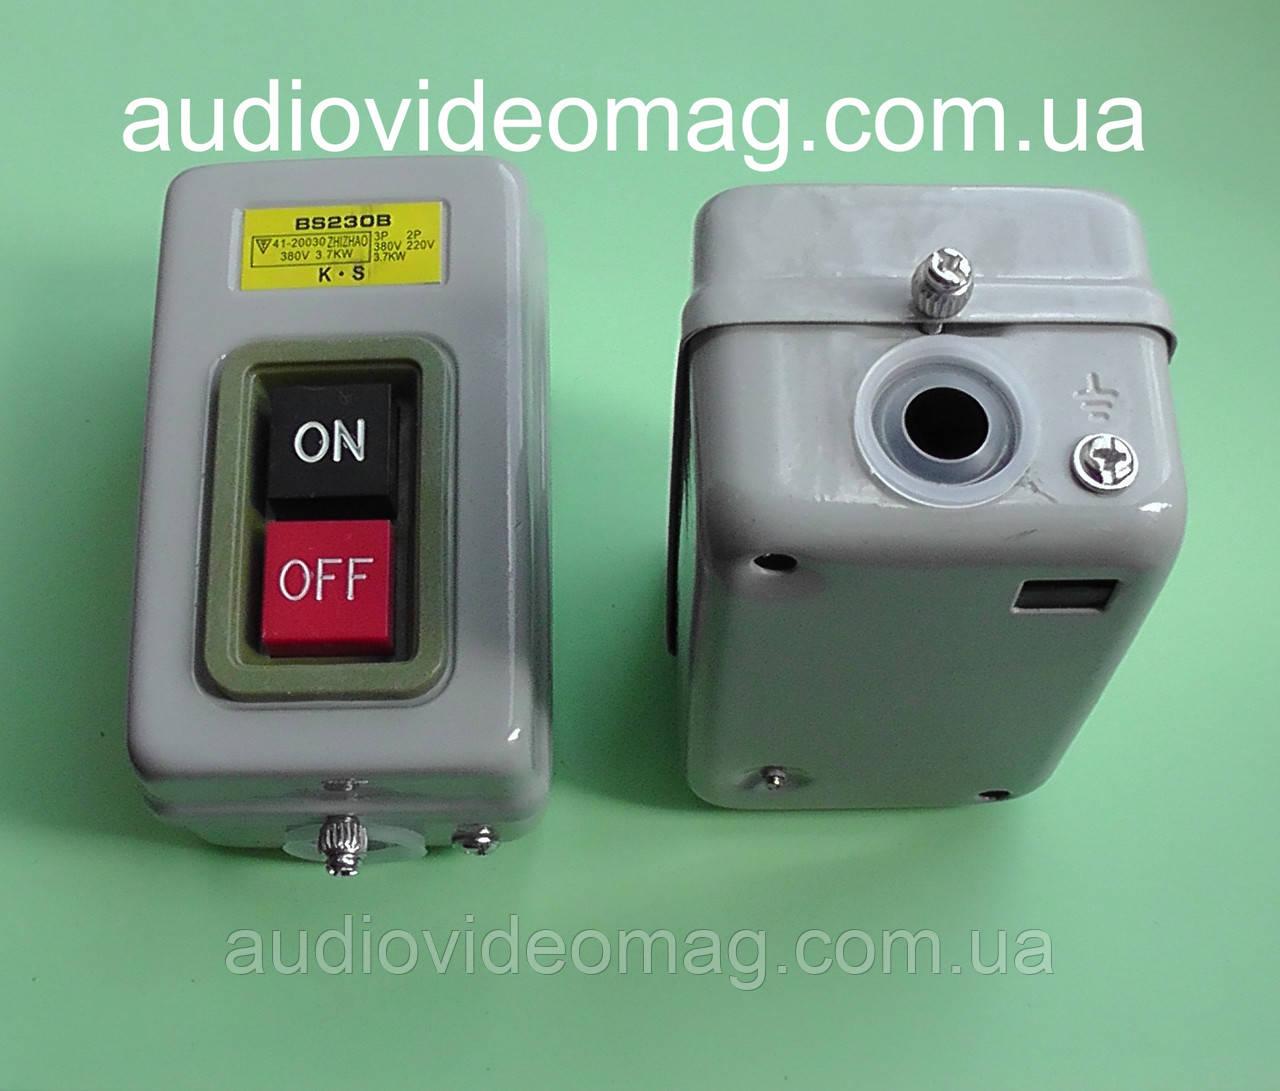 Пускова кнопка з фіксацією BS 230B 3, 220/380V 15A 3.7 kW